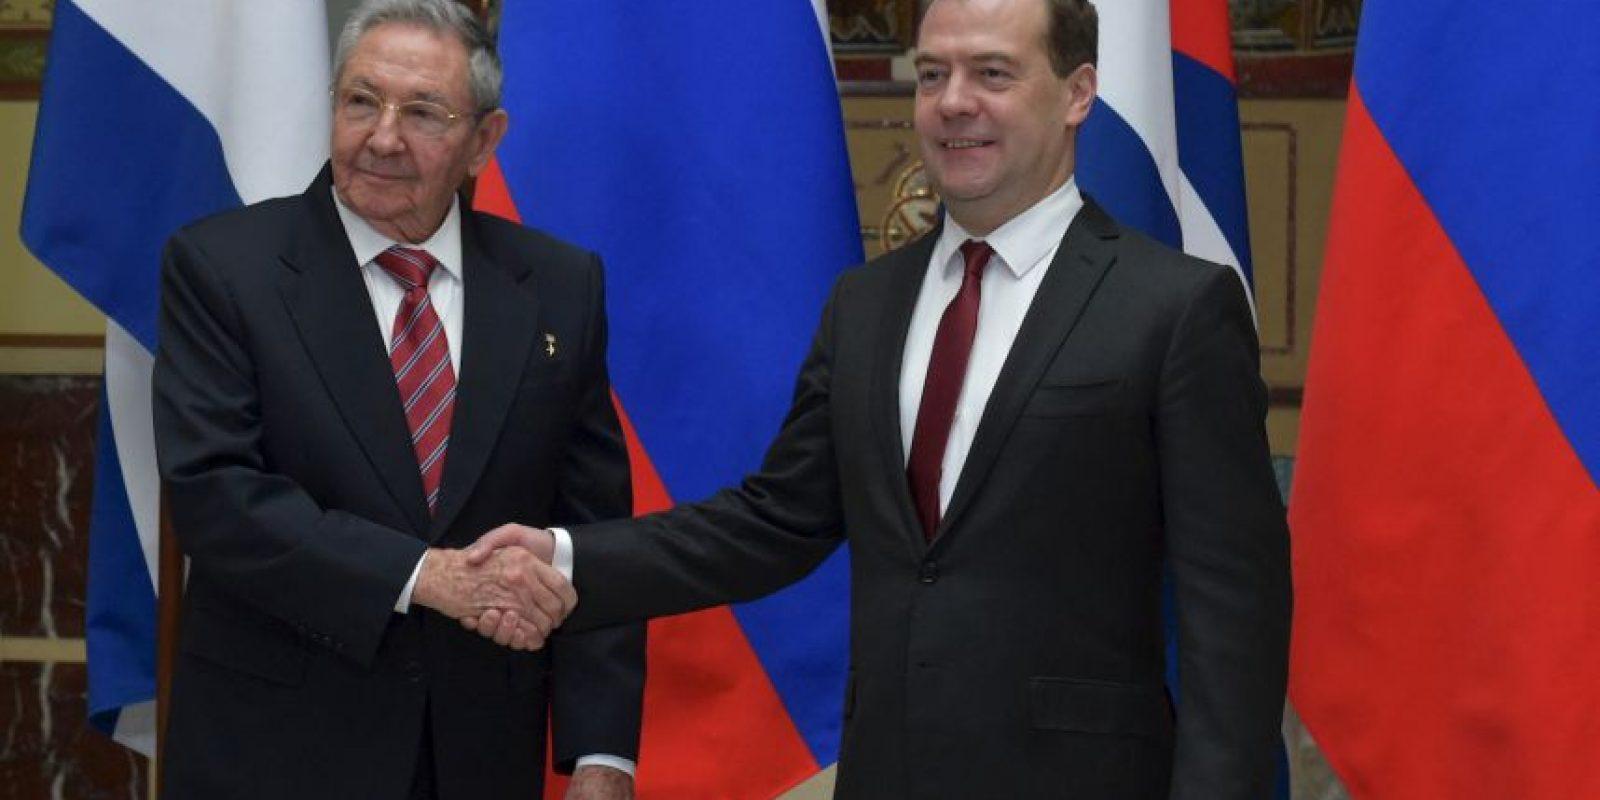 El presidente cubano Raúl Castro llega a Rusia, para las celebraciones del 9 de mayo. Foto:AFP